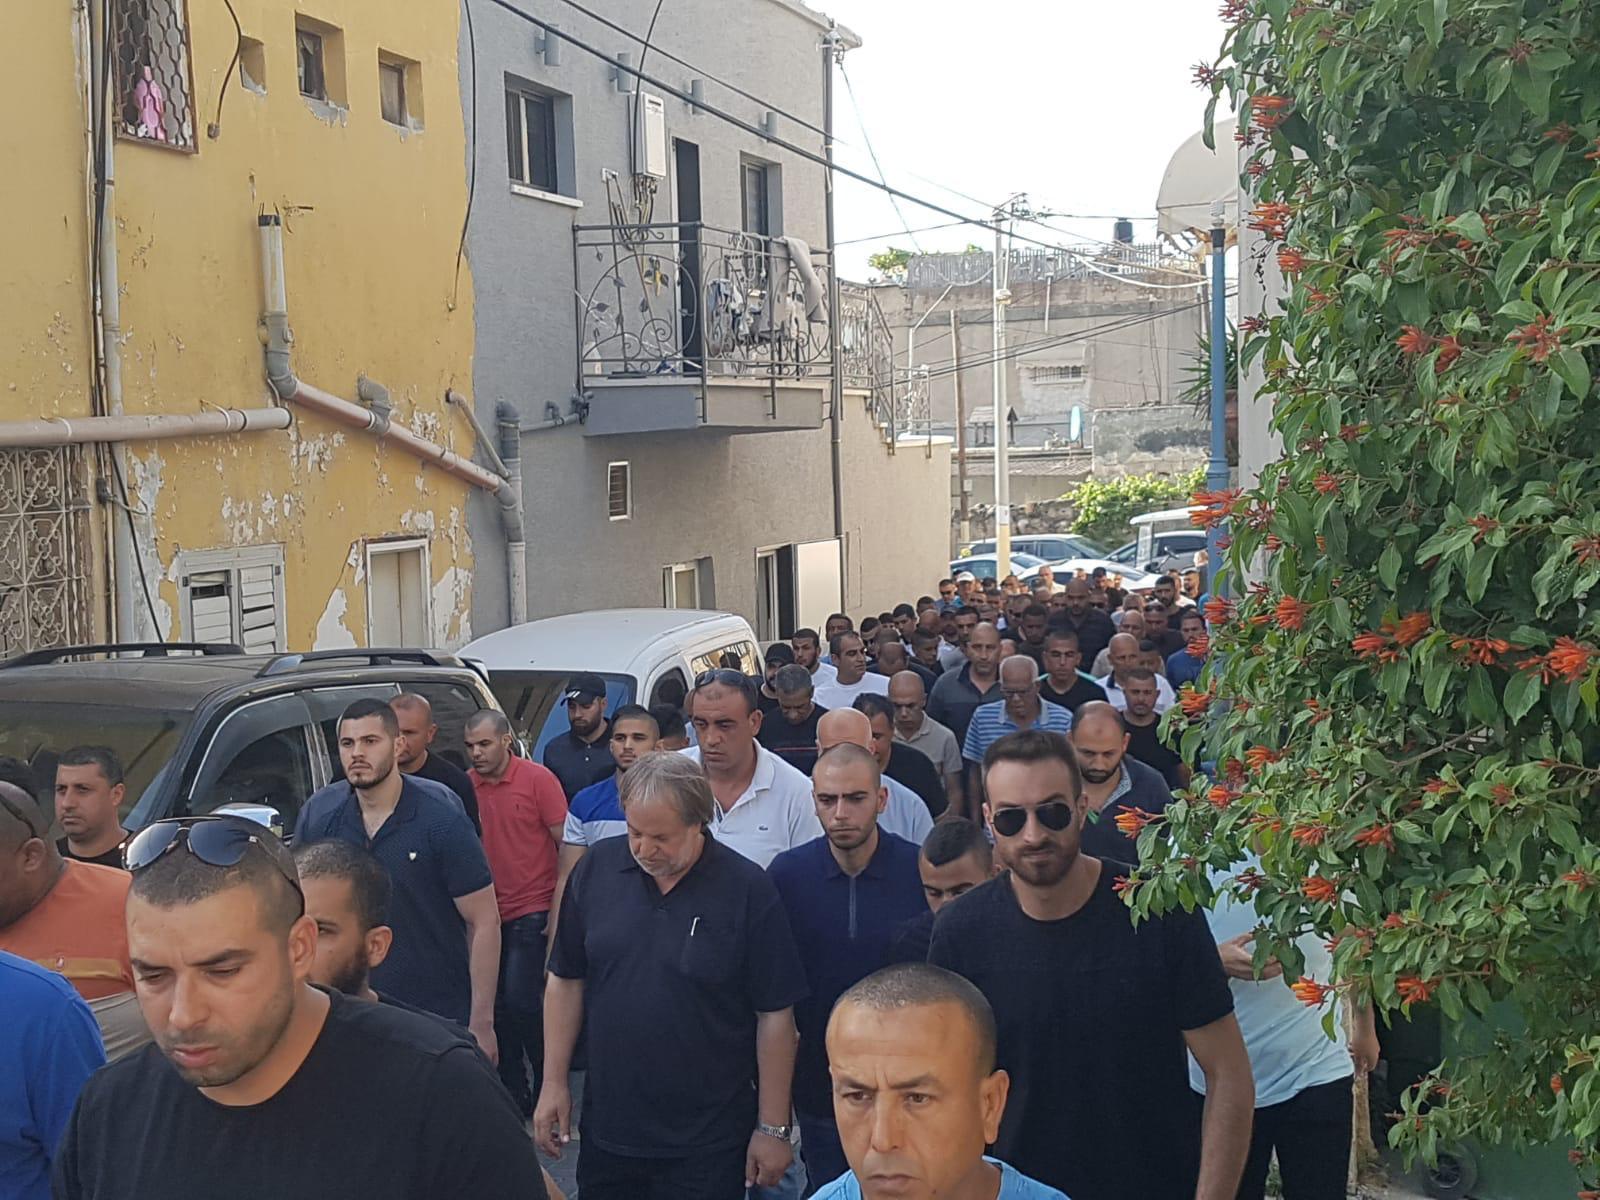 باقة الغربية تشيع ضحية جريمة القتل أحمد ضراغمة